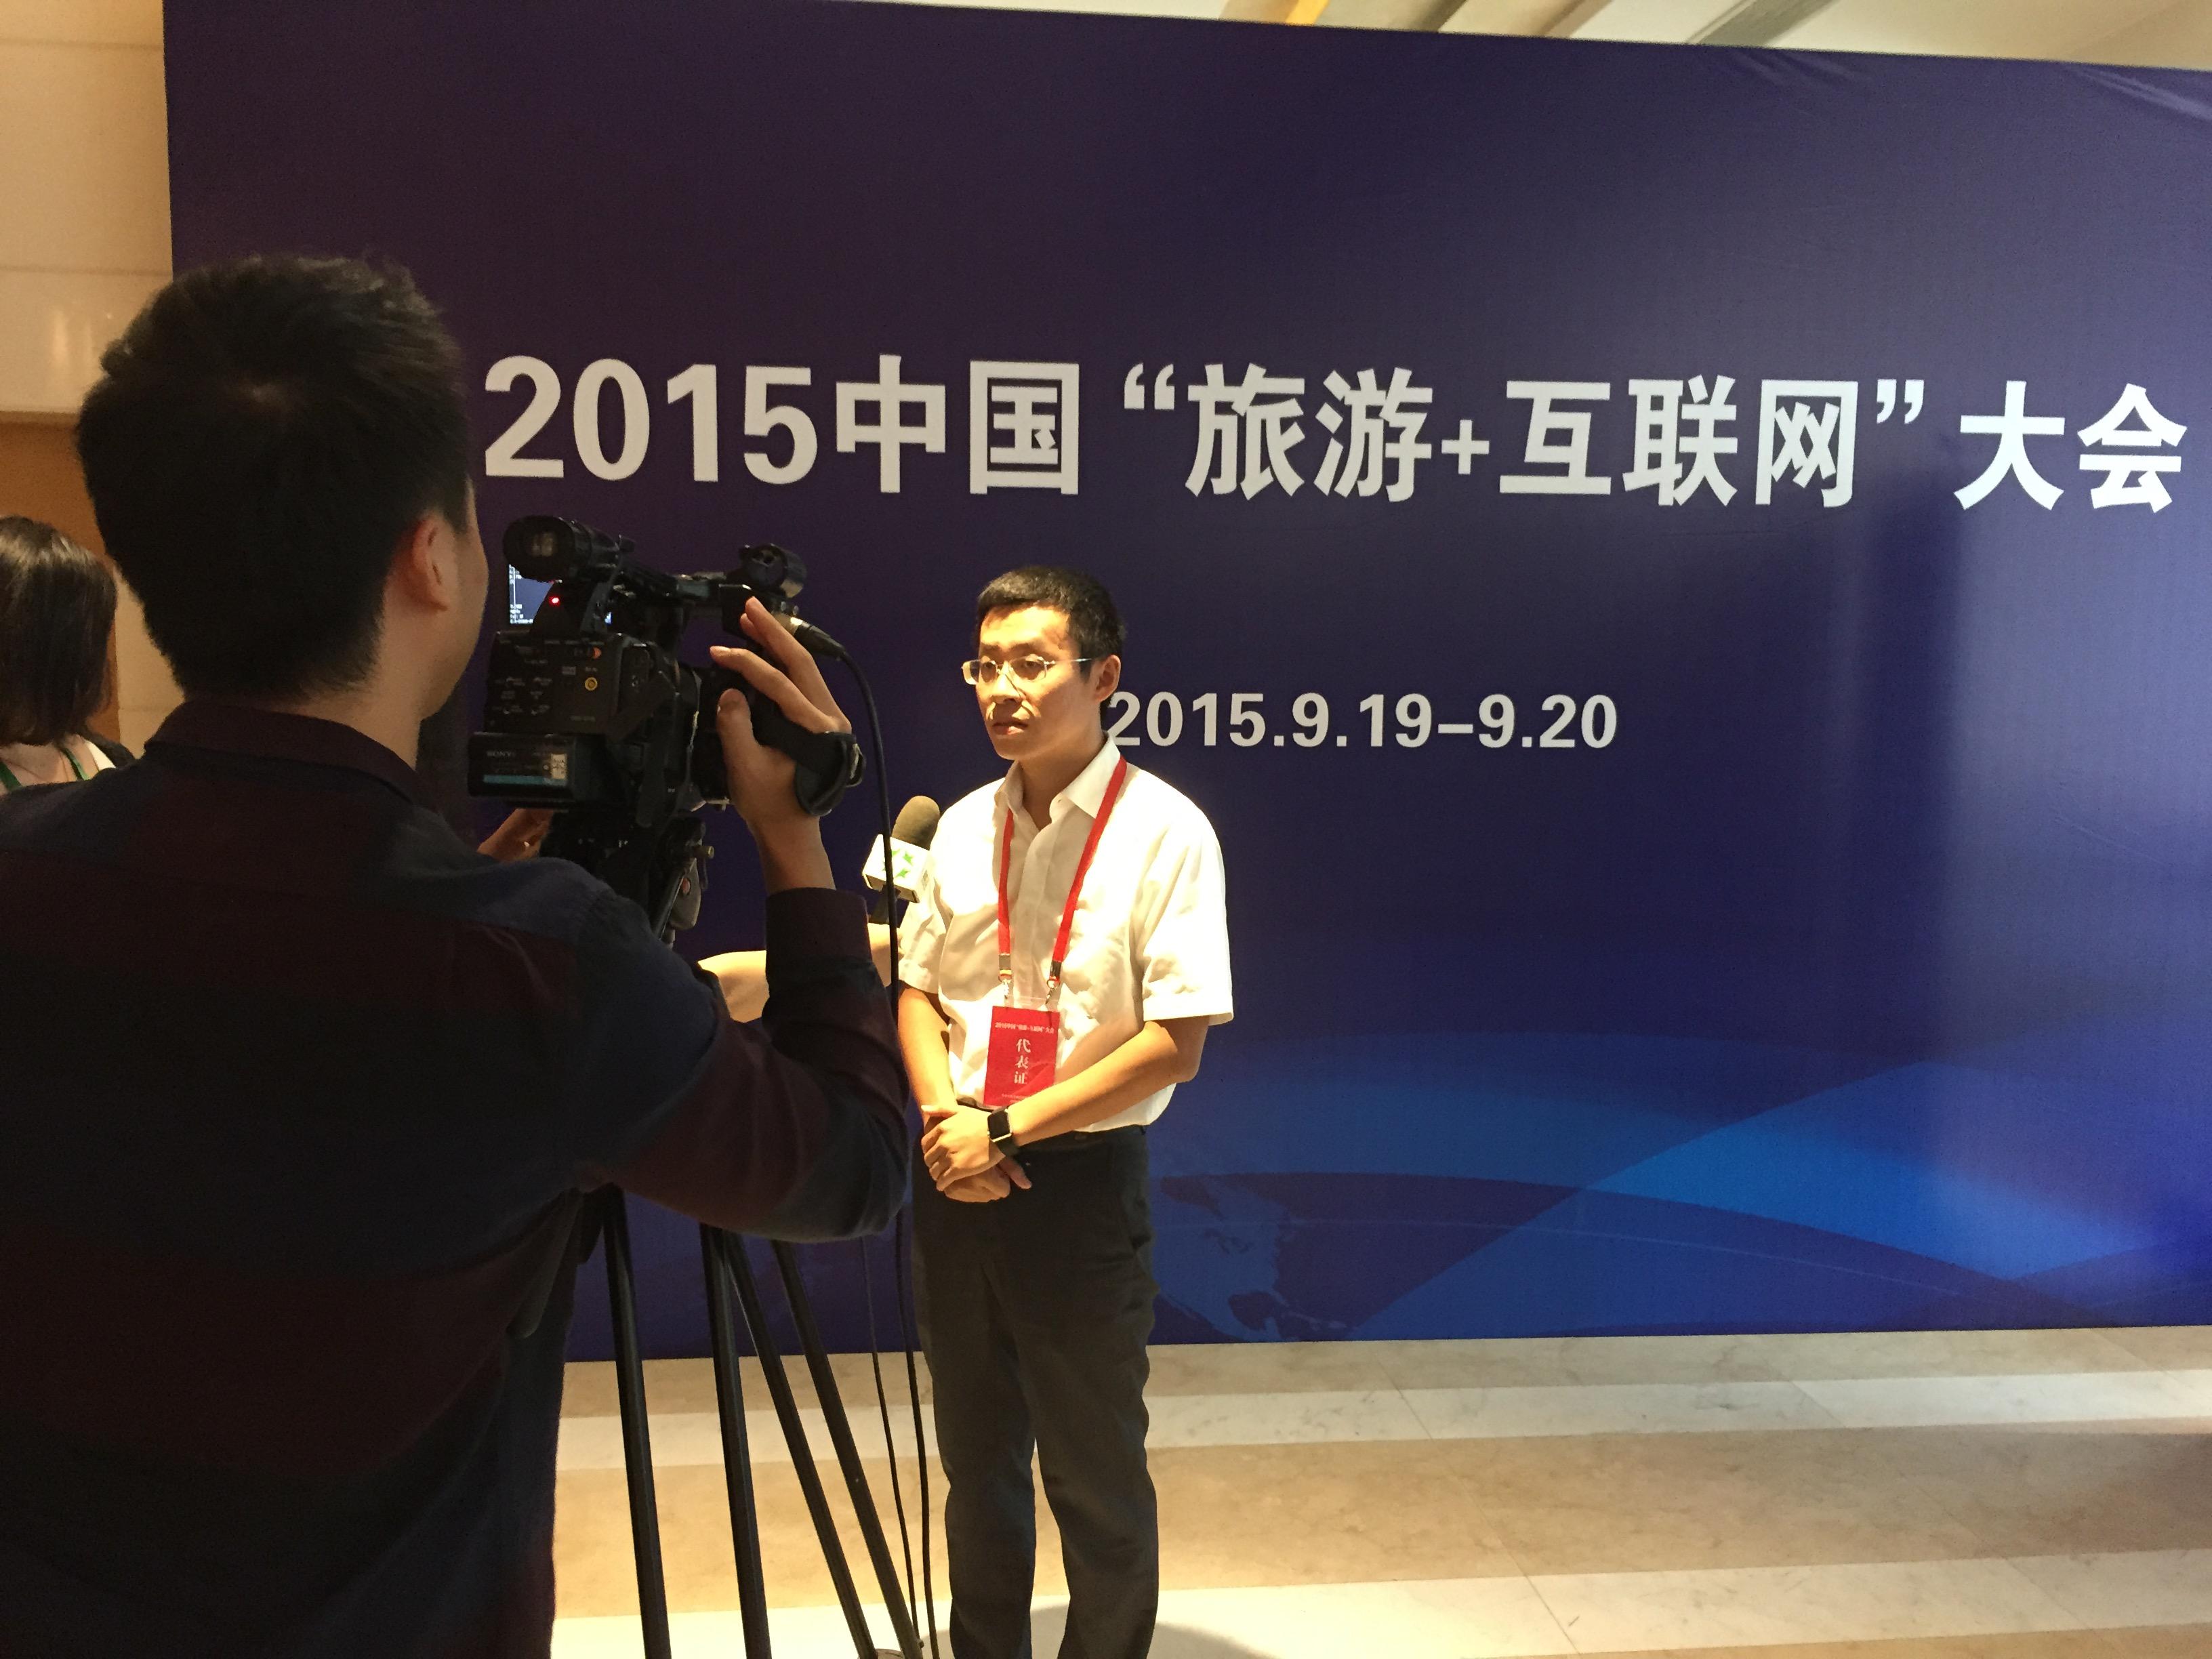 途牛CEO于敦德:2015,开启旅游+互联网发展新纪元